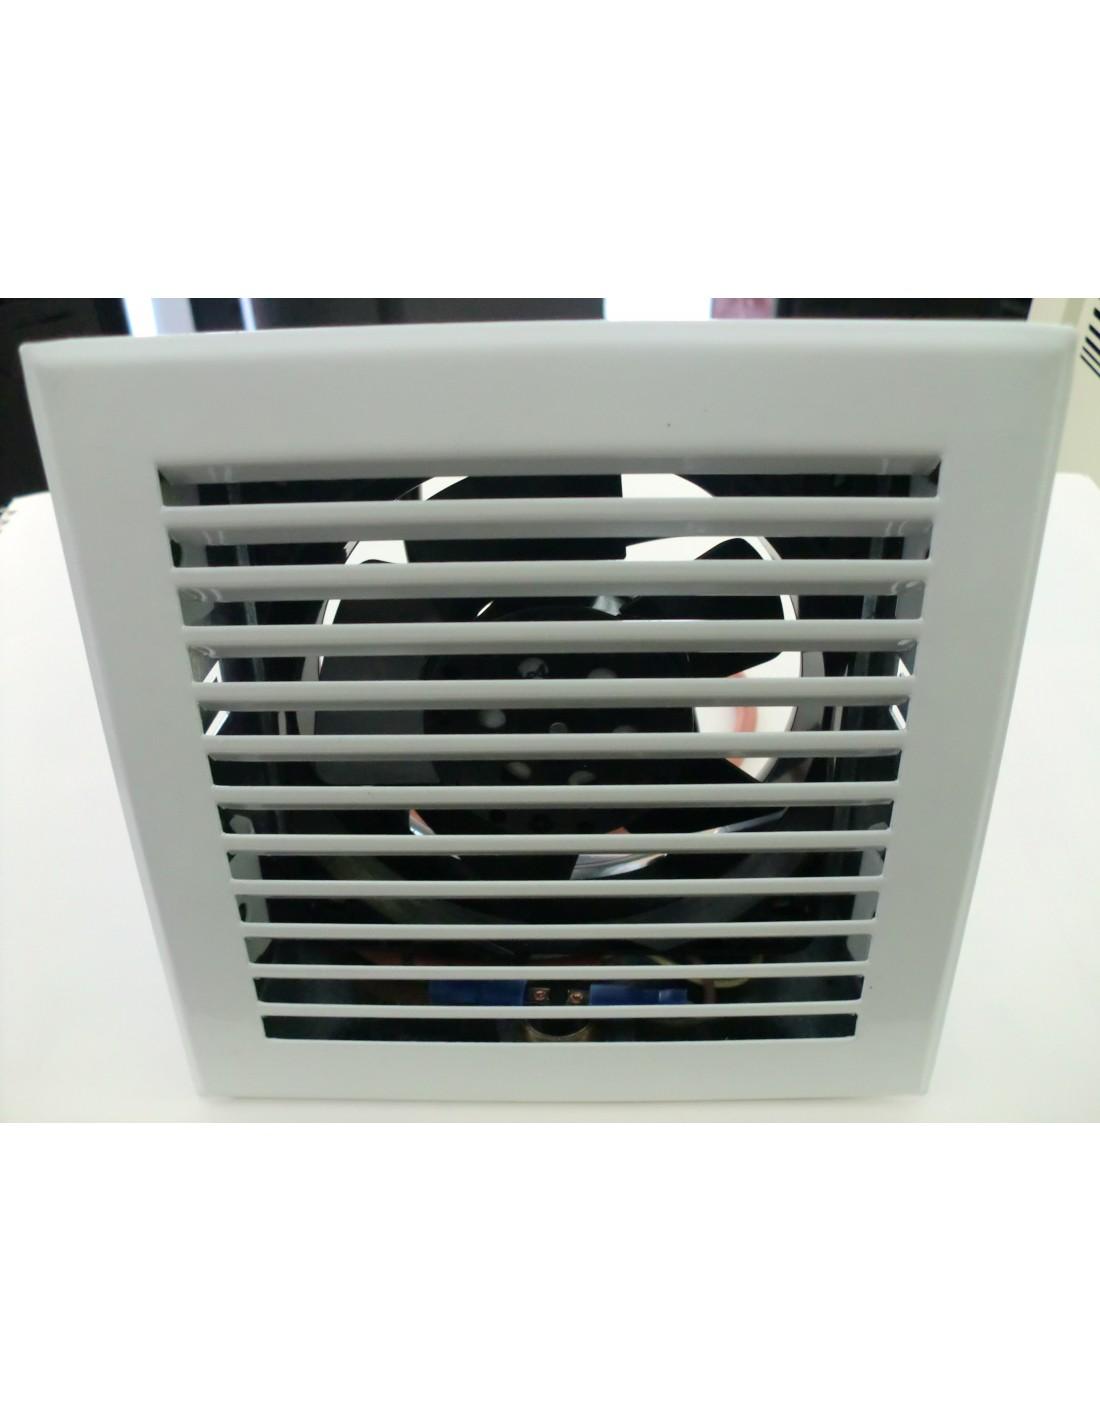 Rejilla de ventilaci n de aire caliente con motor - Rejilla de ventilacion regulable ...